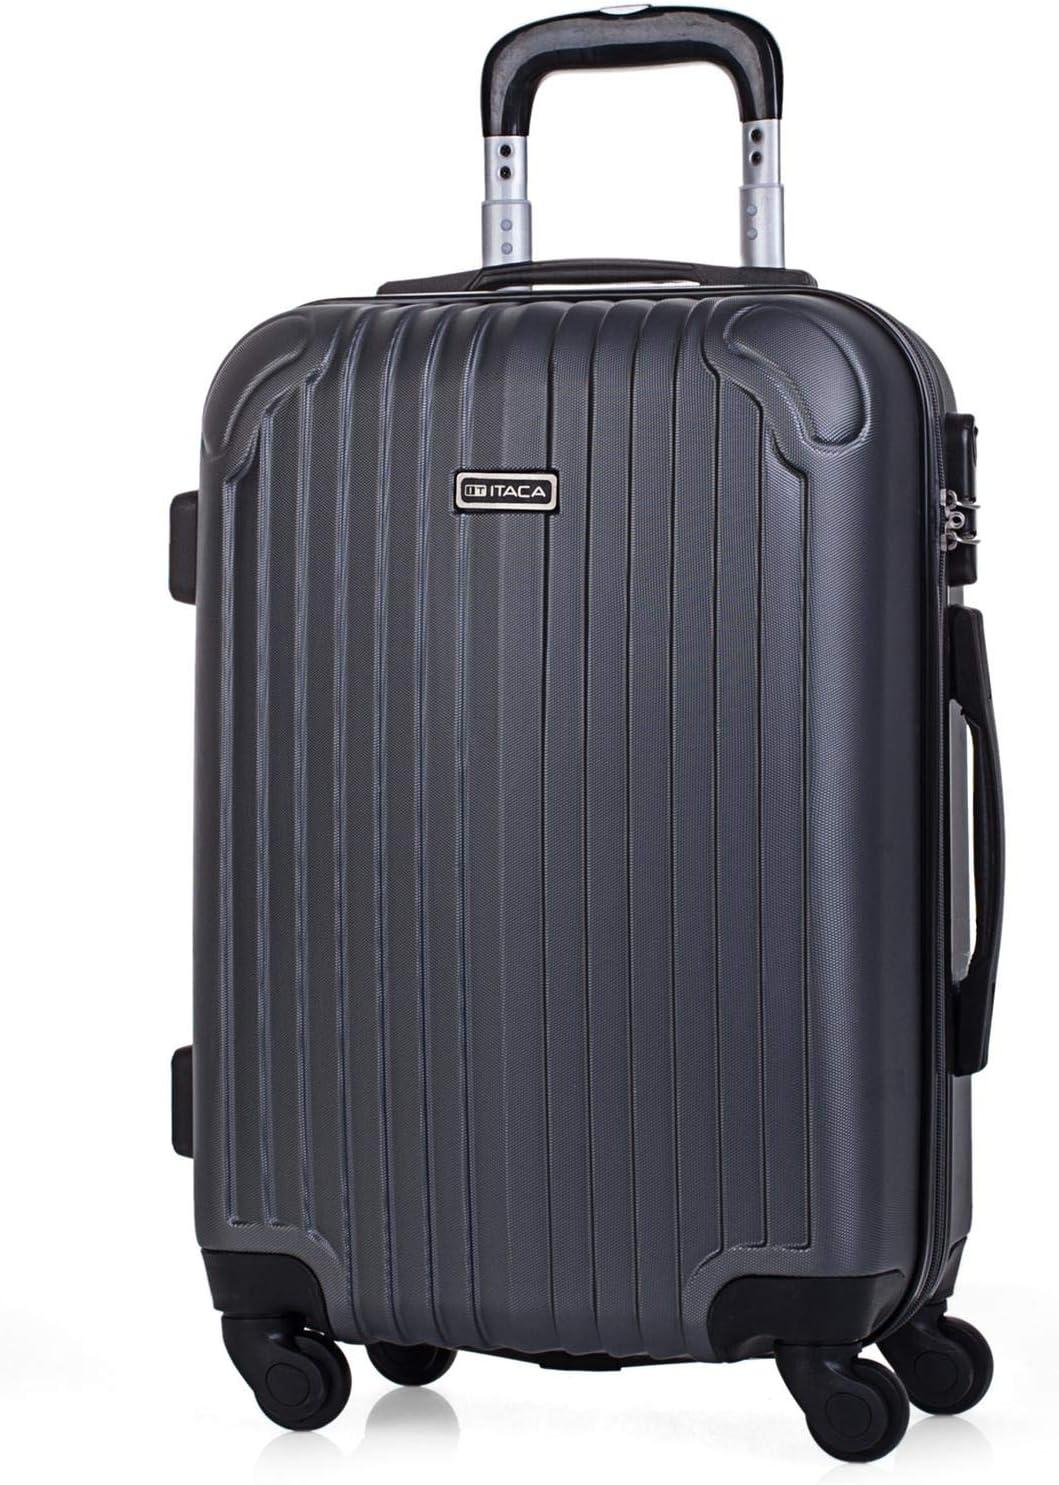 ITACA - Maleta de Viaje Cabina Rígida 4 Ruedas 55 cm Trolley ABS. Equipaje de Mano. Pequeña Resistente Cómoda y Ligera. Low Cost Ryanair. Estudiante. Calidad y Diseño. T71550, Color Antracita